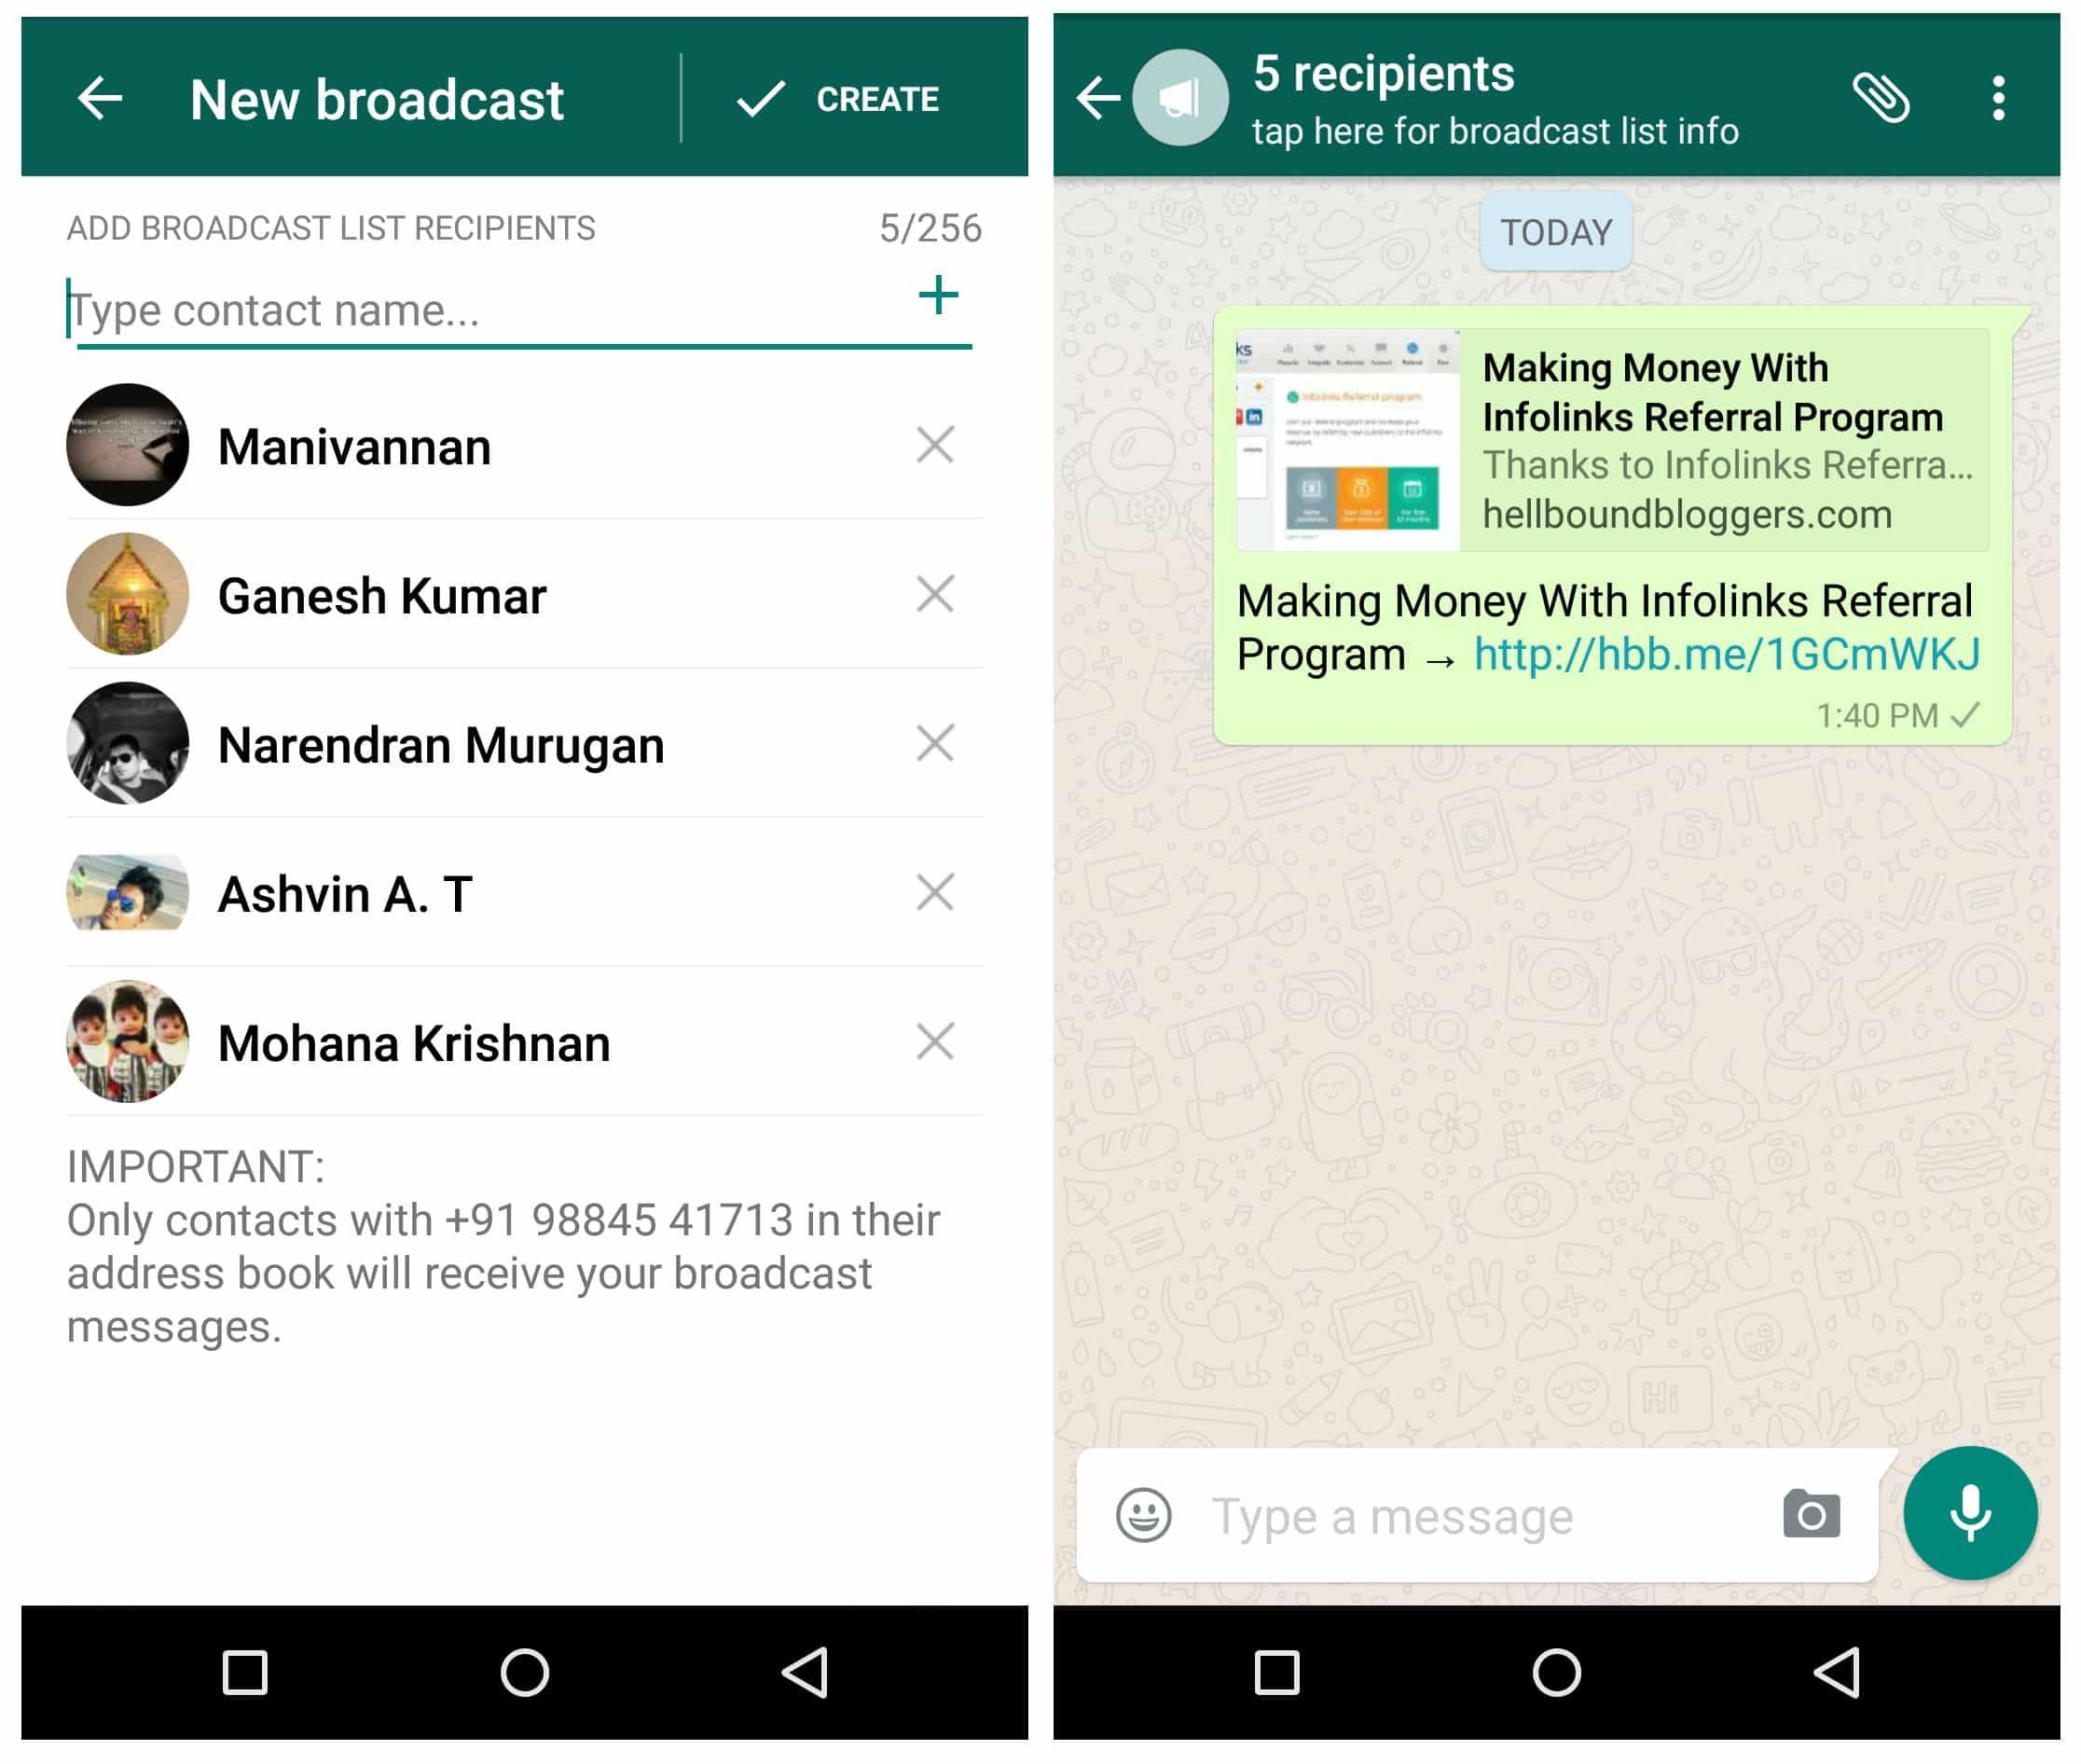 WhatsApp-Broadcast-Articles كيفية جلب الزيارات من واتساب إلى المواقع الإلكترونية